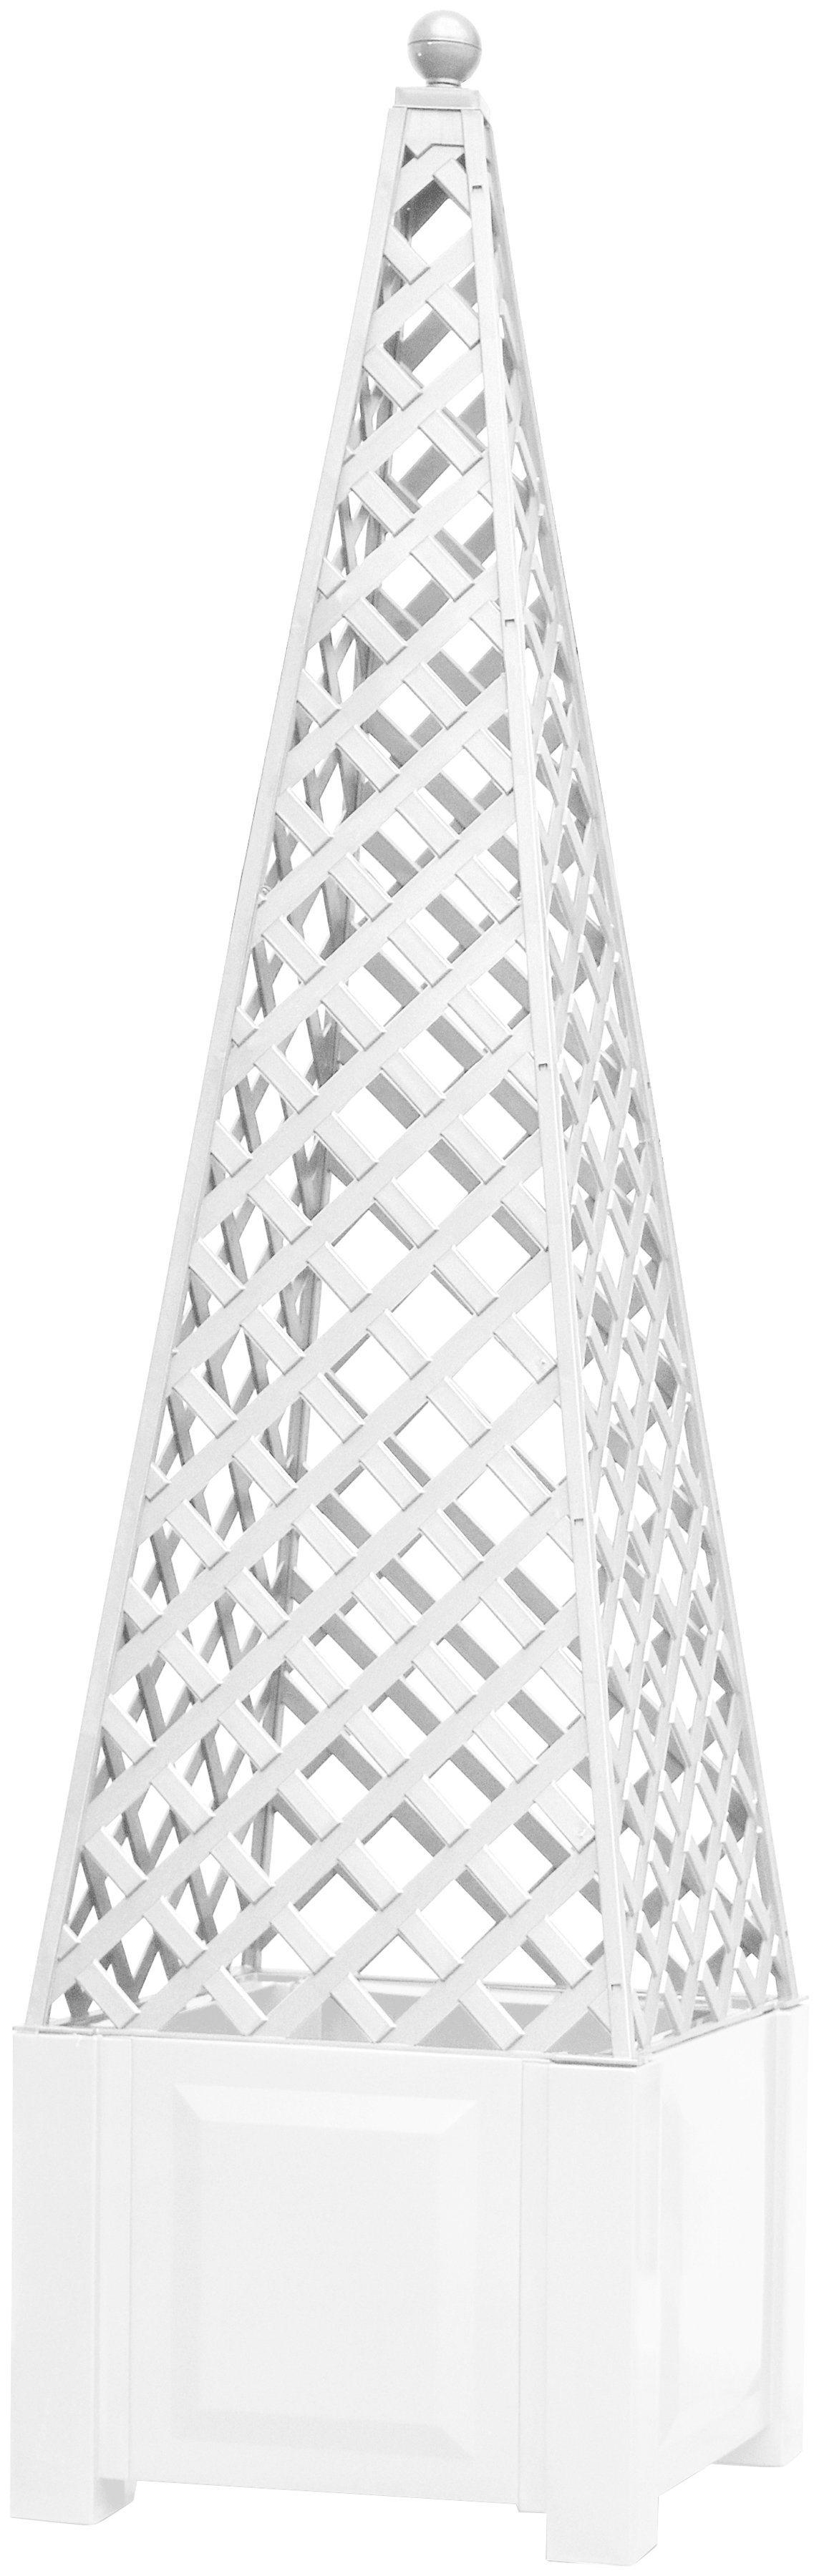 KHW Rankgitter , zum Nachrüsten, weiß, BxTxH: 43x43x140 cm | Garten > Pflanzen > Pflanzkästen | Baumhaus Verlag